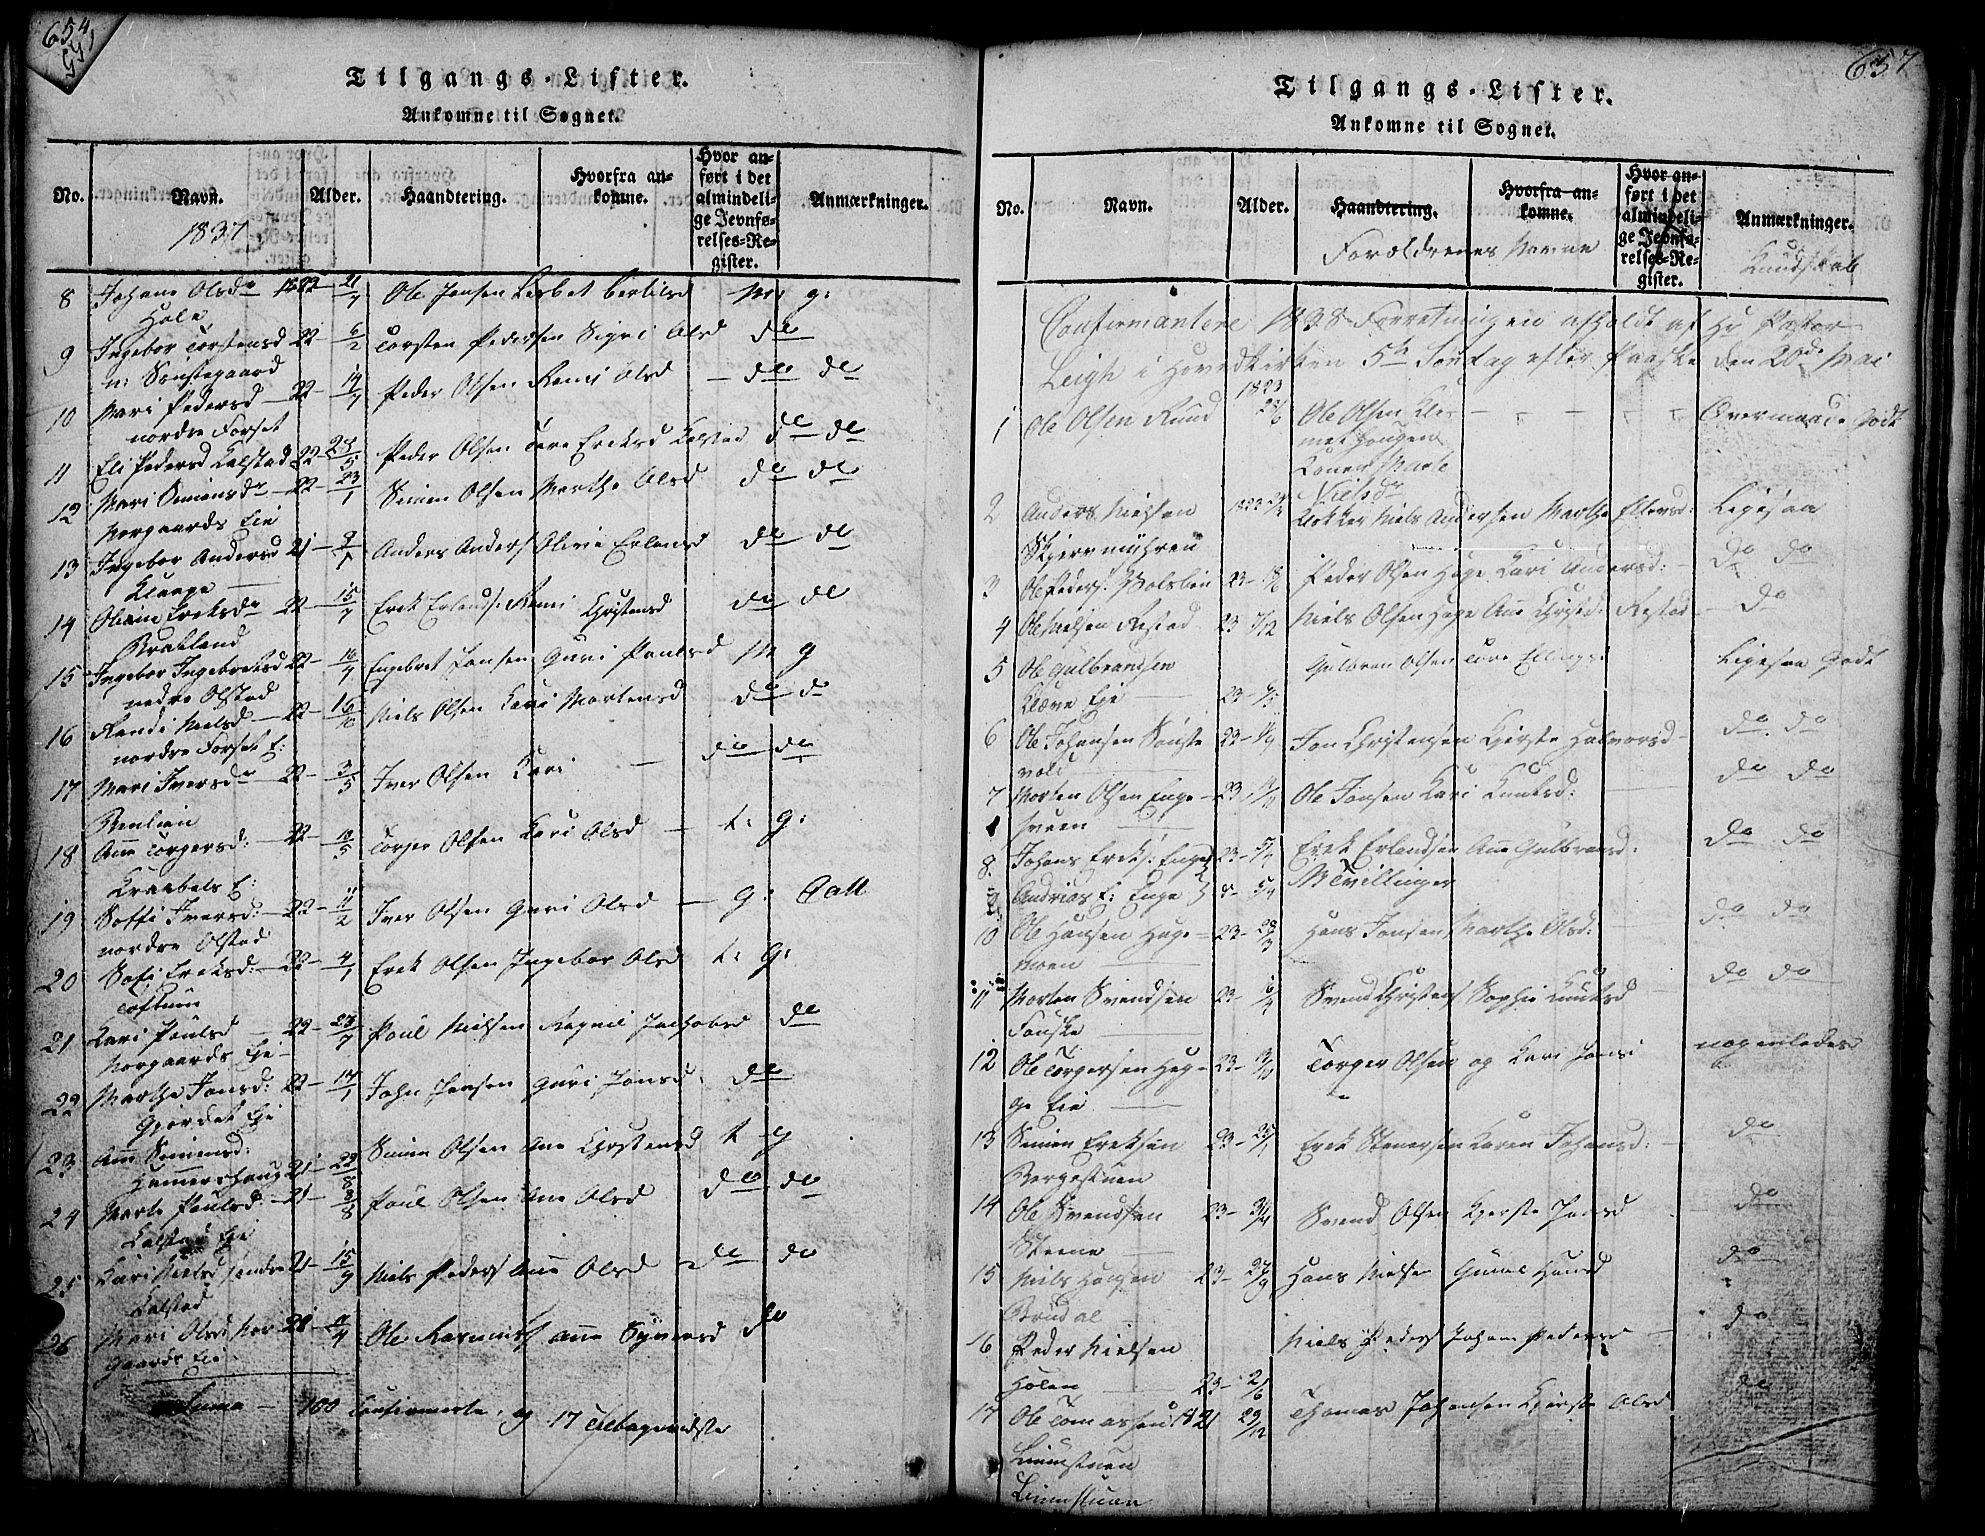 SAH, Gausdal prestekontor, Klokkerbok nr. 1, 1817-1848, s. 656-657